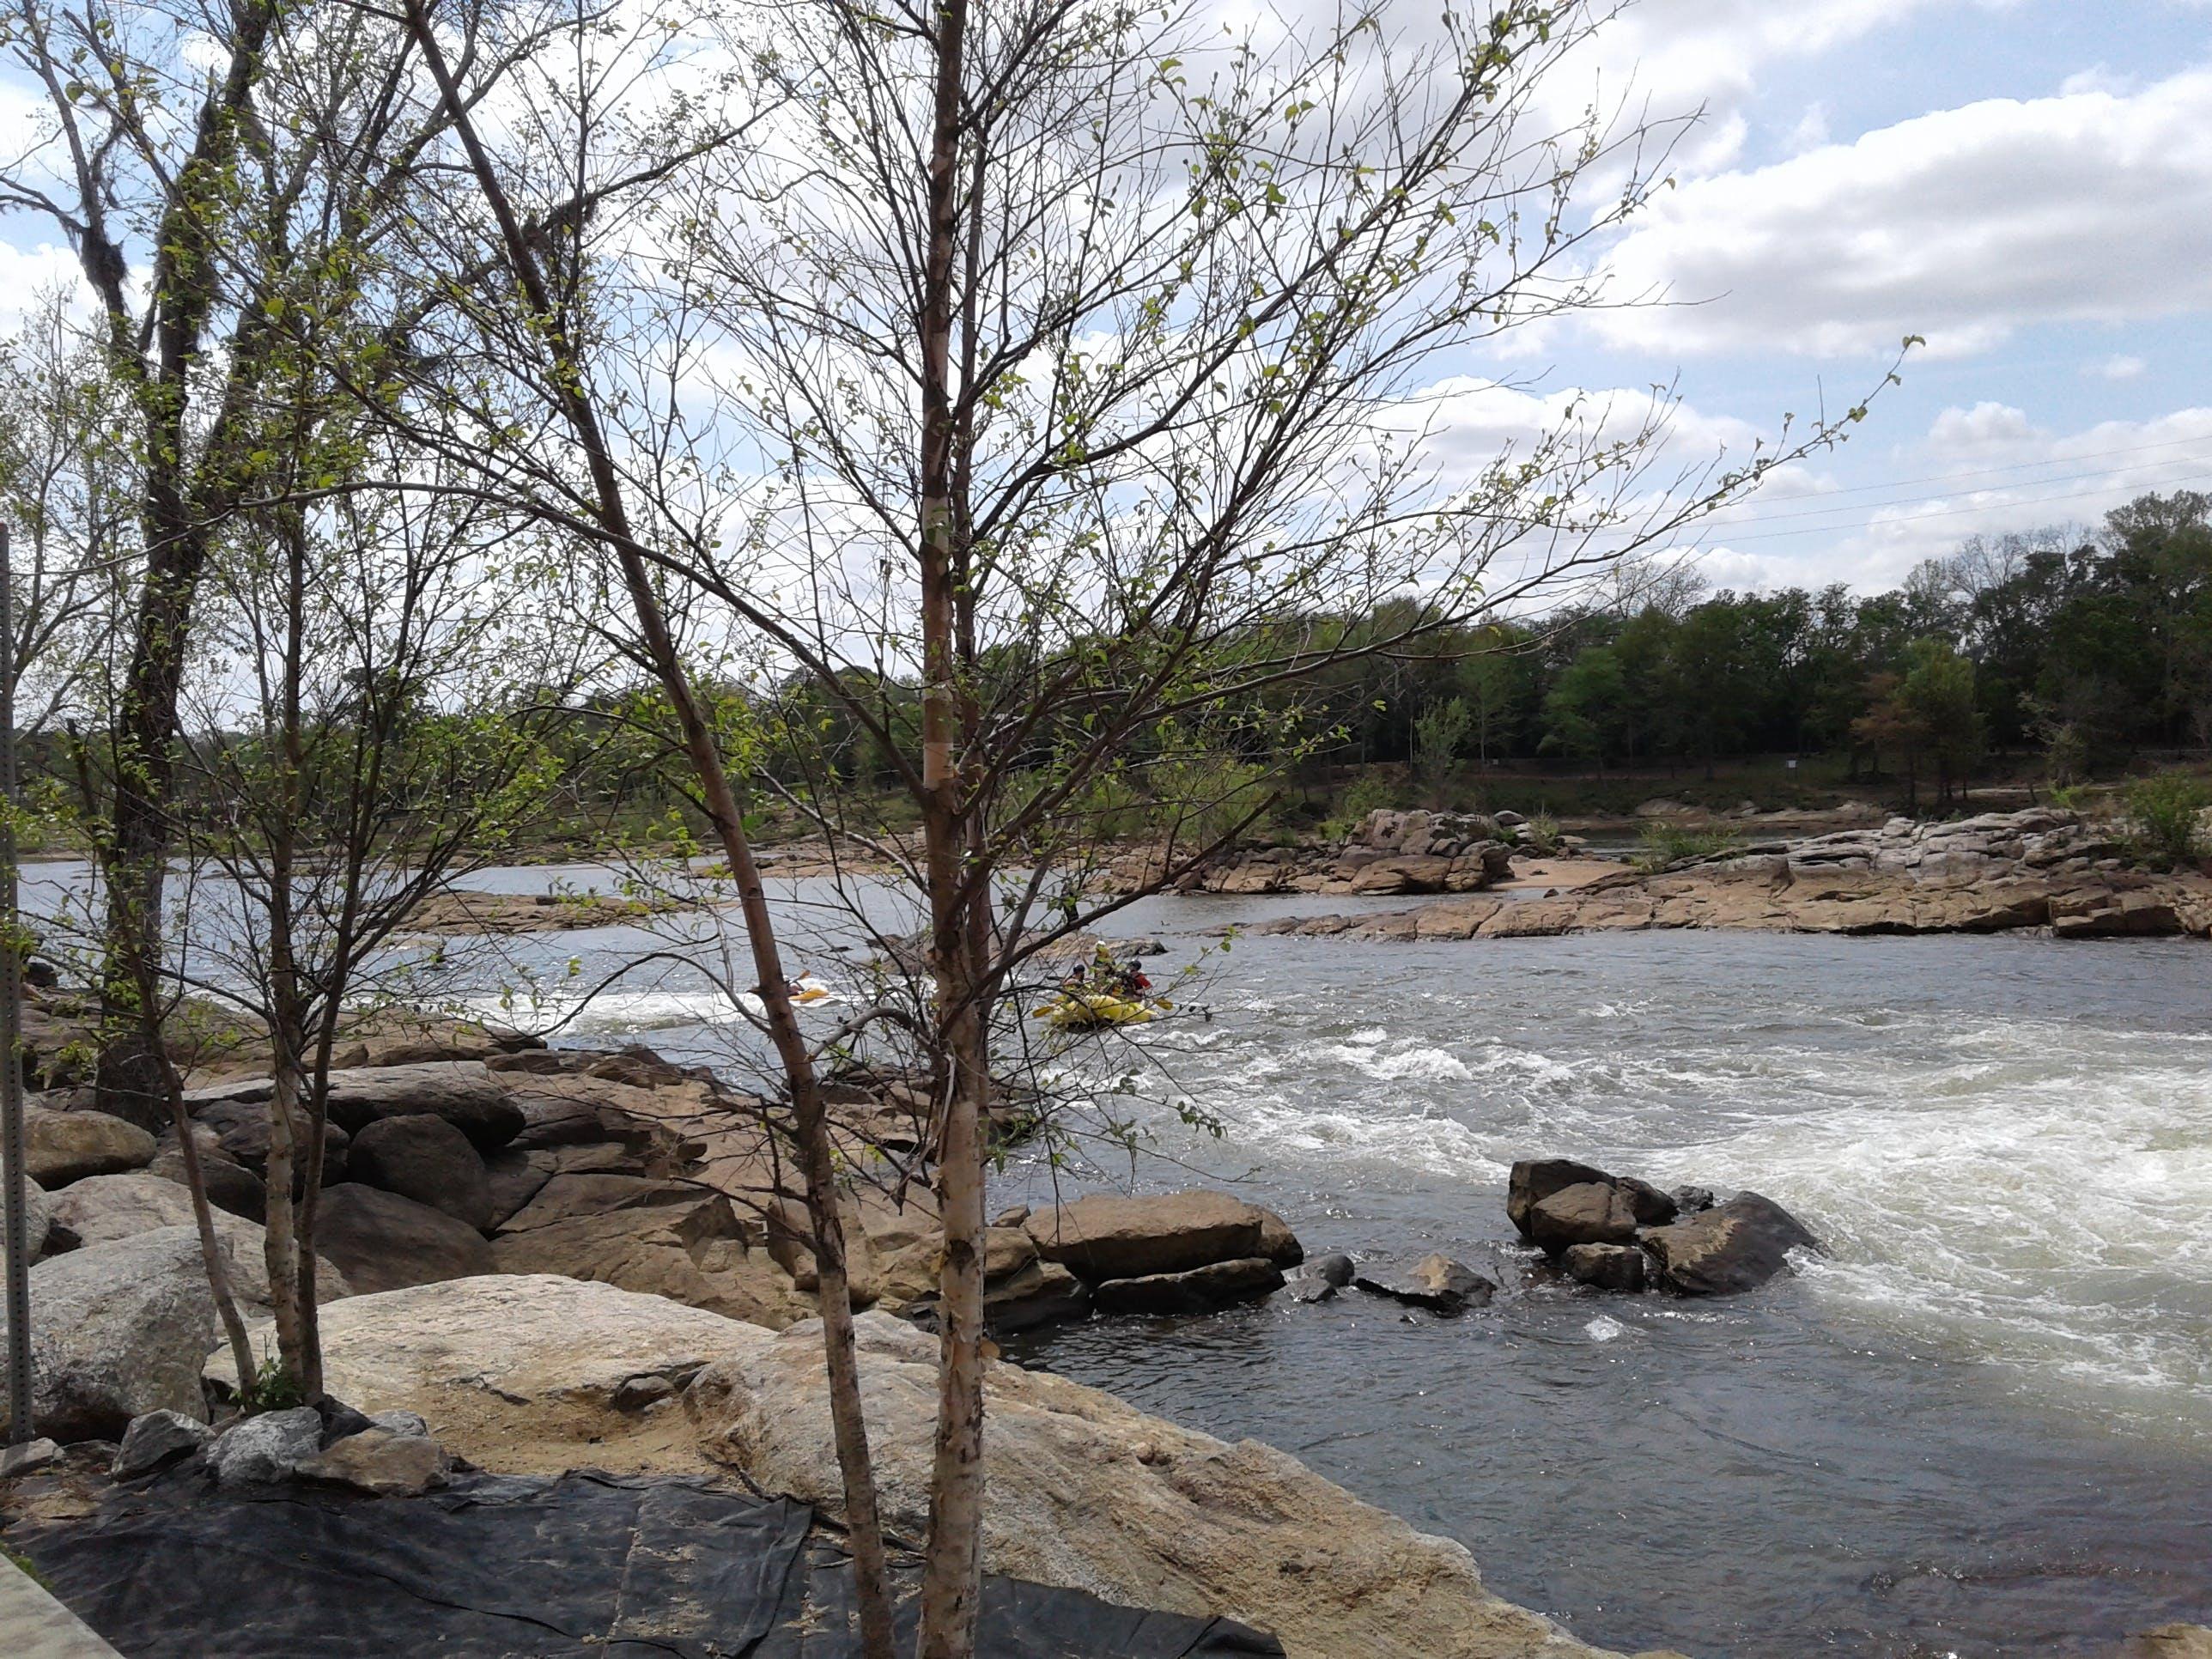 Foto d'estoc gratuïta de acomiadar-se, aigua, arbre, arbres